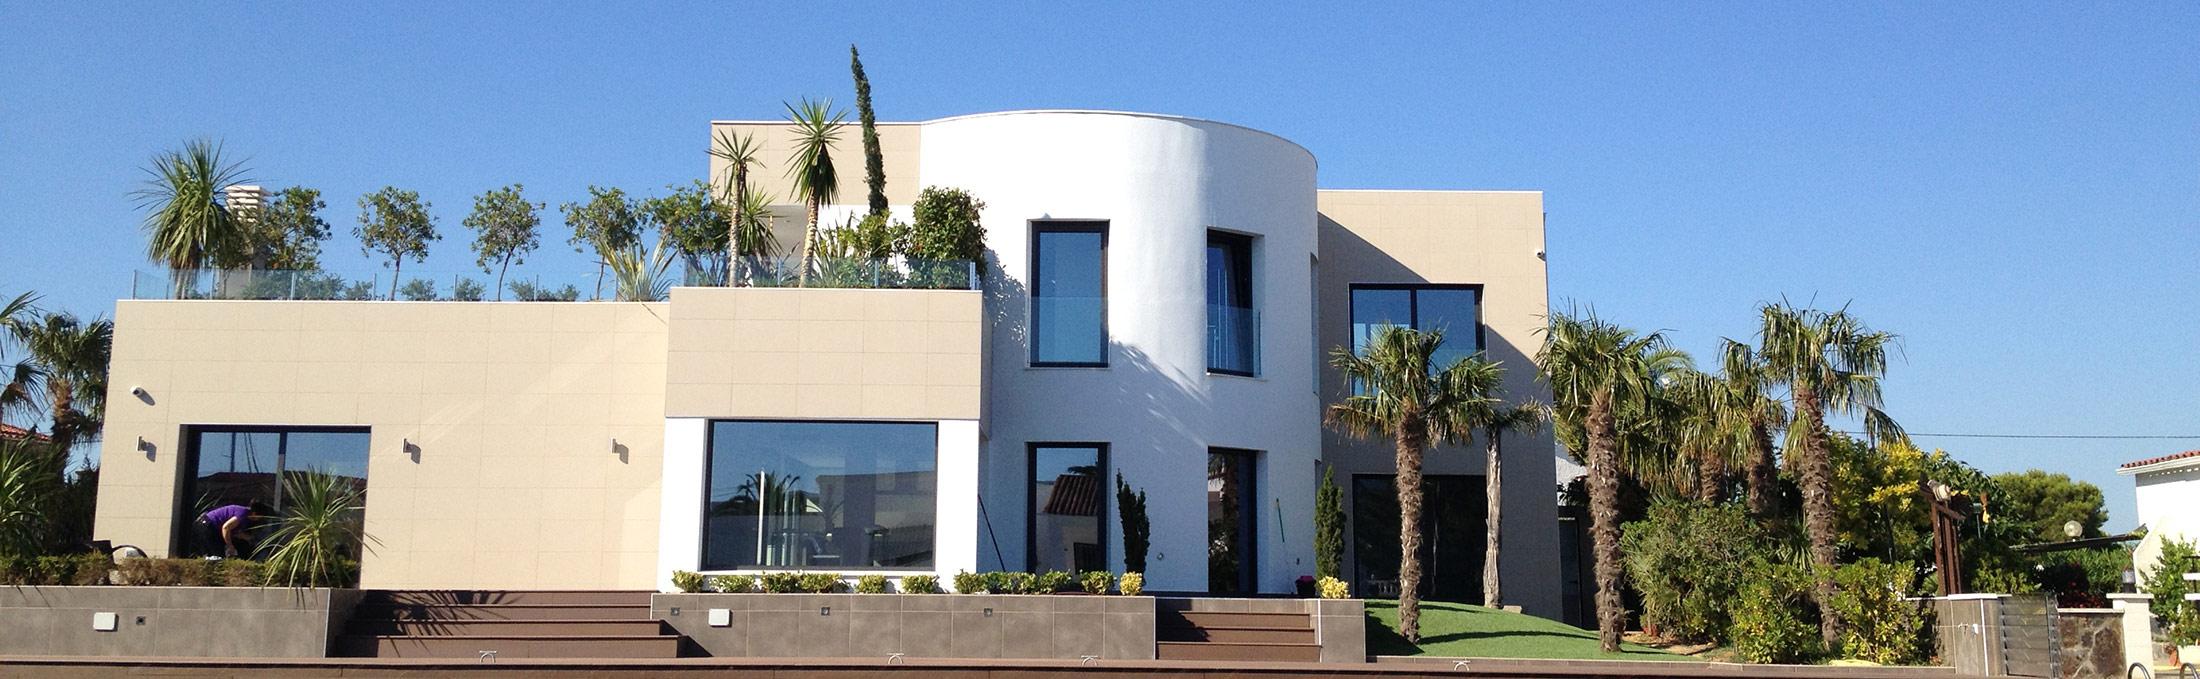 Immobilier vente de maisons villas appartements for Vente de appartement